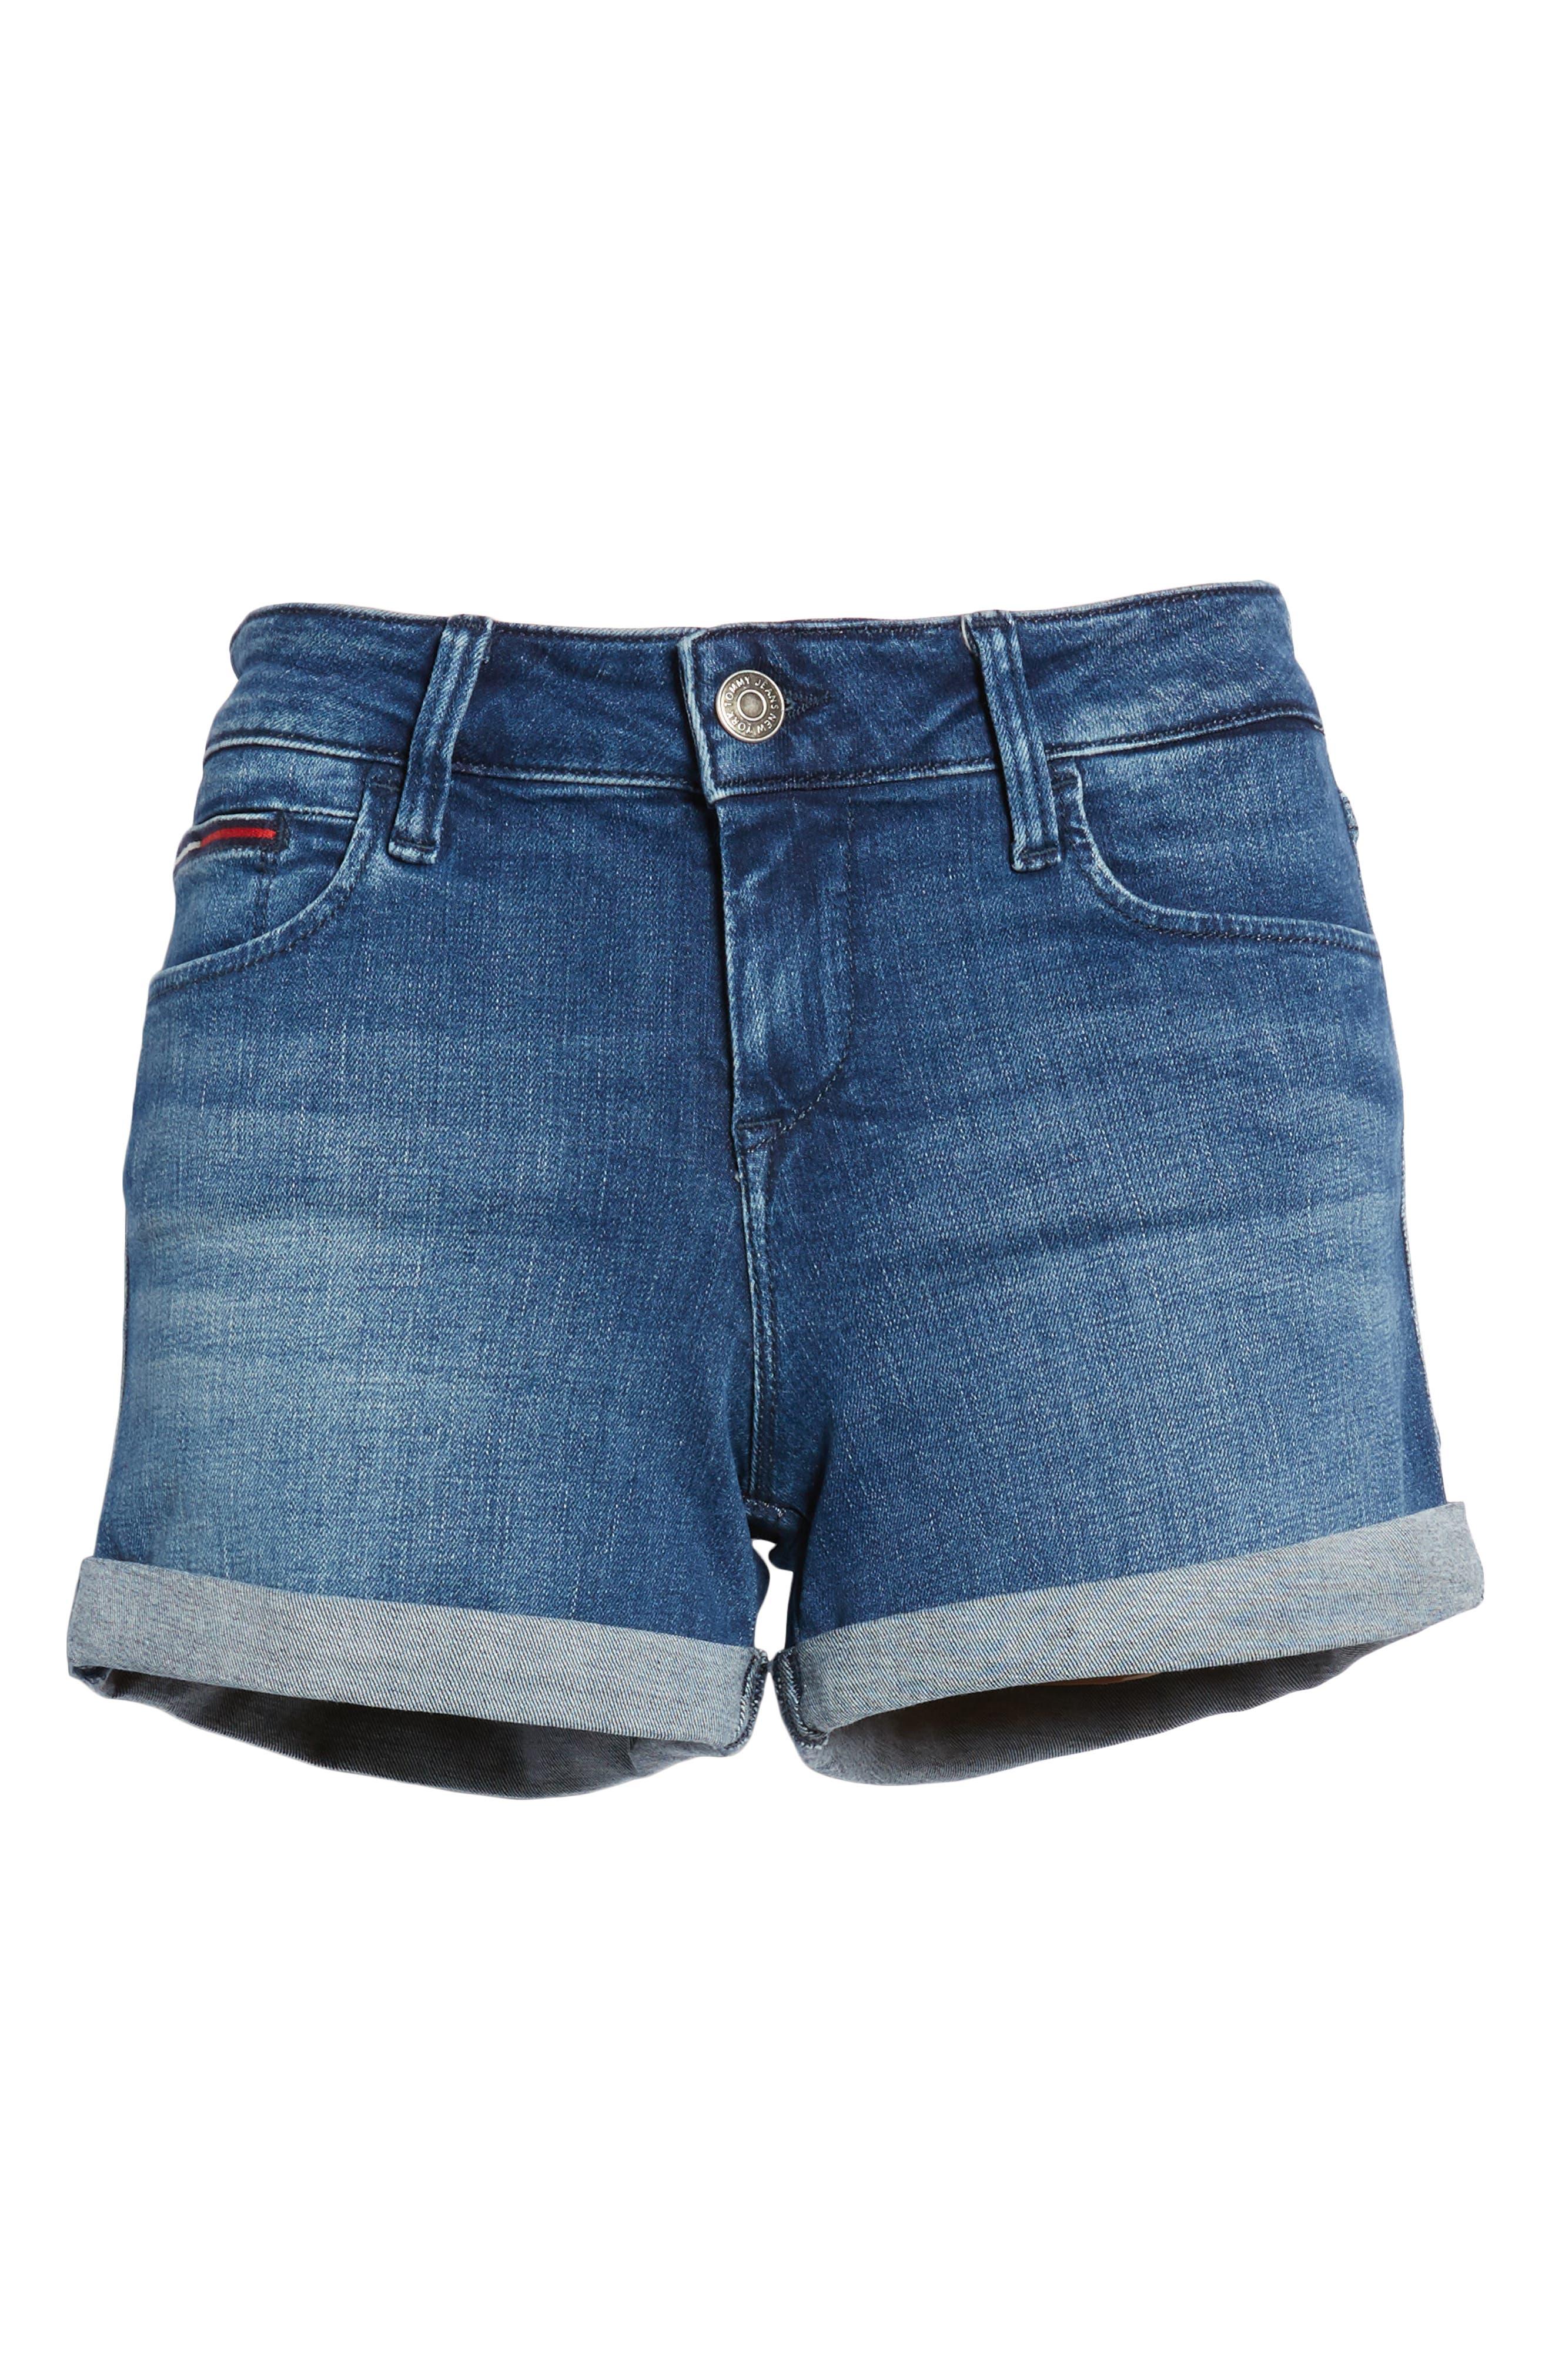 TJW Denim Shorts,                             Alternate thumbnail 7, color,                             Newport Blue